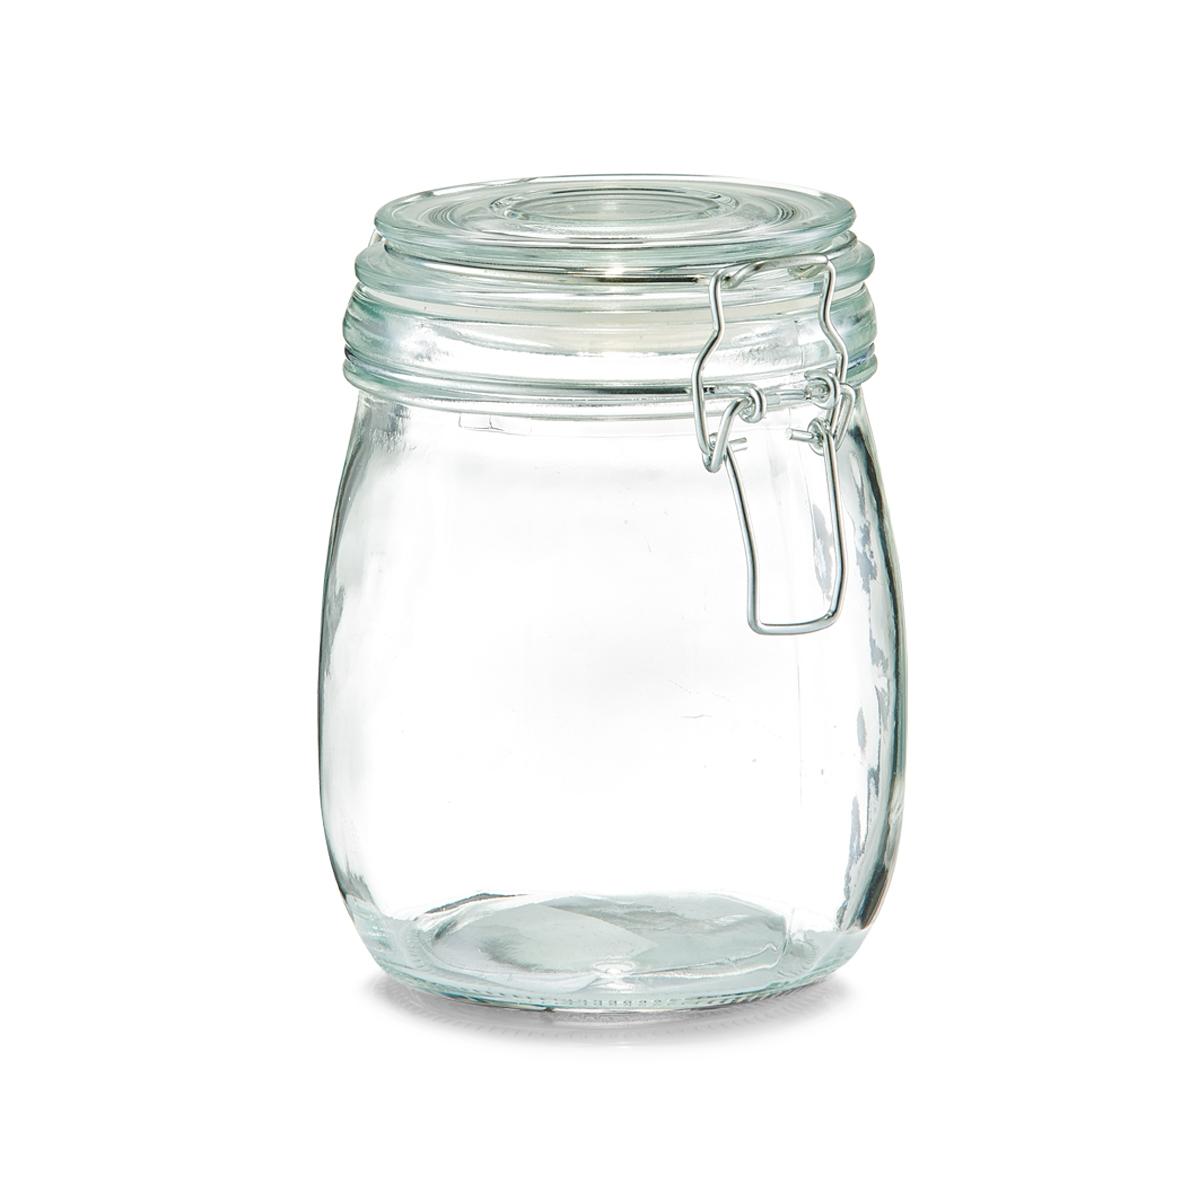 Borcan pentru depozitare cu capac, inchidere ermetica, Clip I Glass, 750 ml, Ø 11xH14 cm